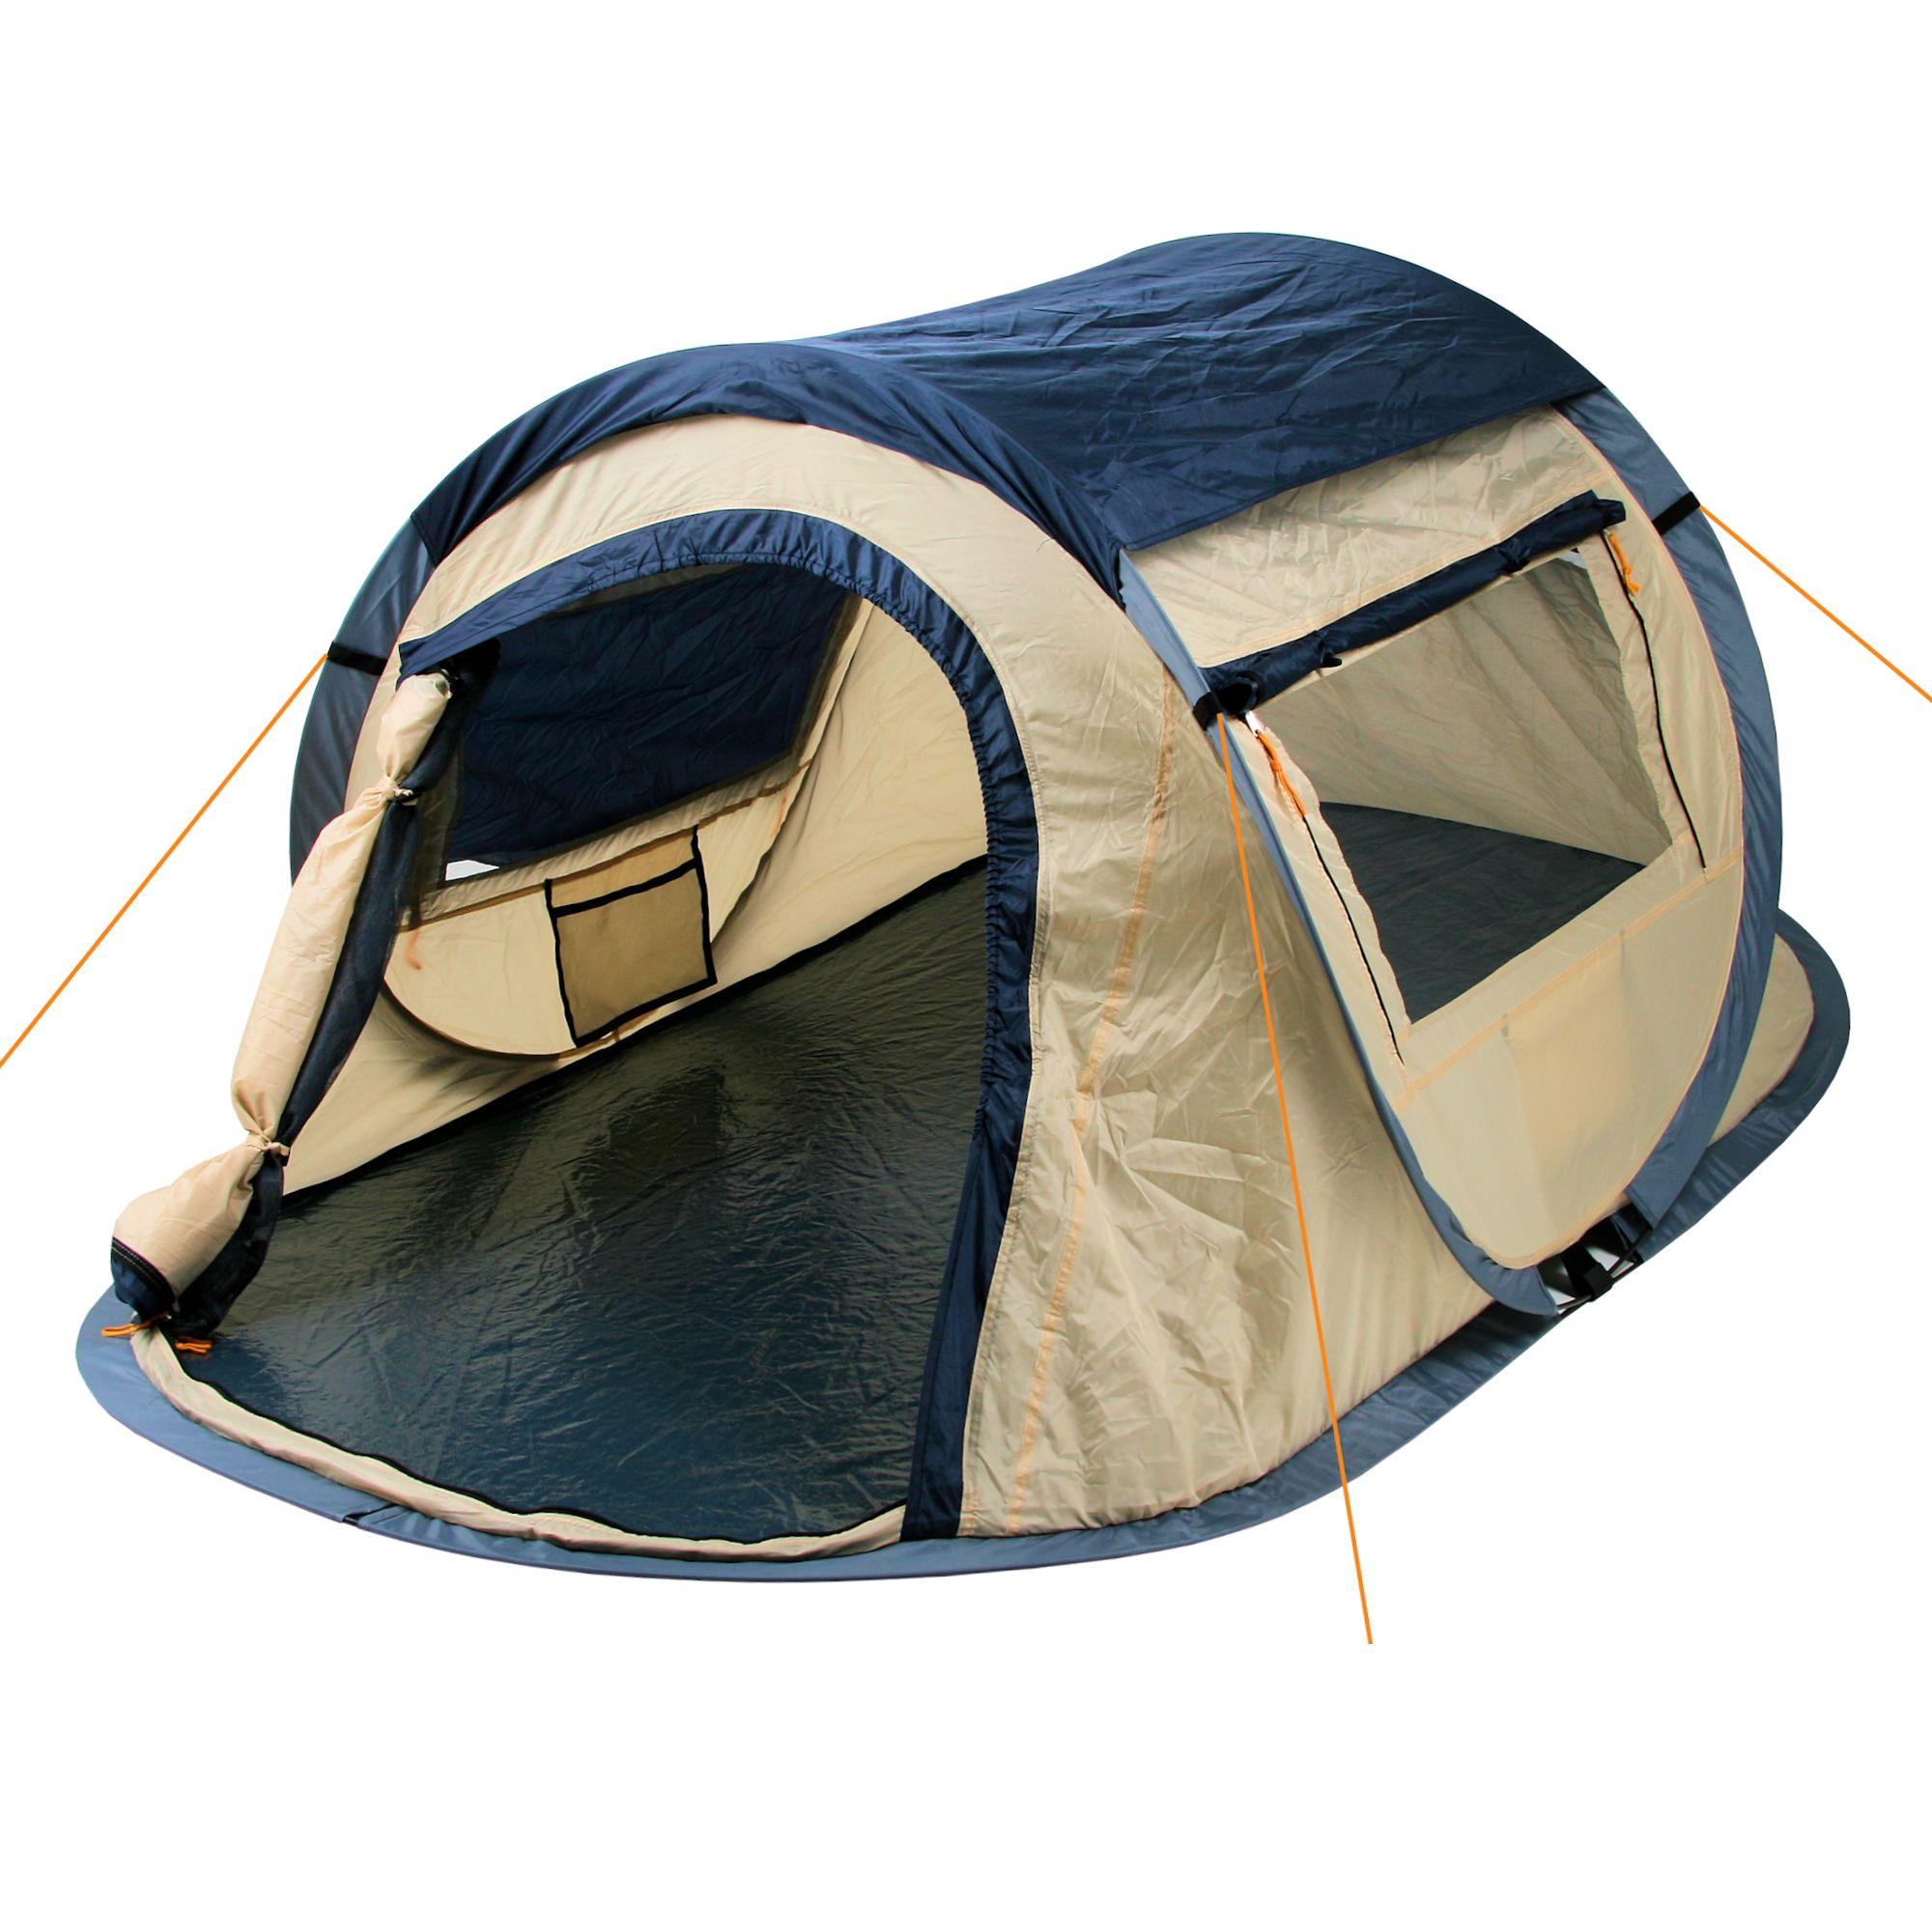 Wurfzelt 2 Personen Zelt Pop Up Campingzelt Sekundenzelt